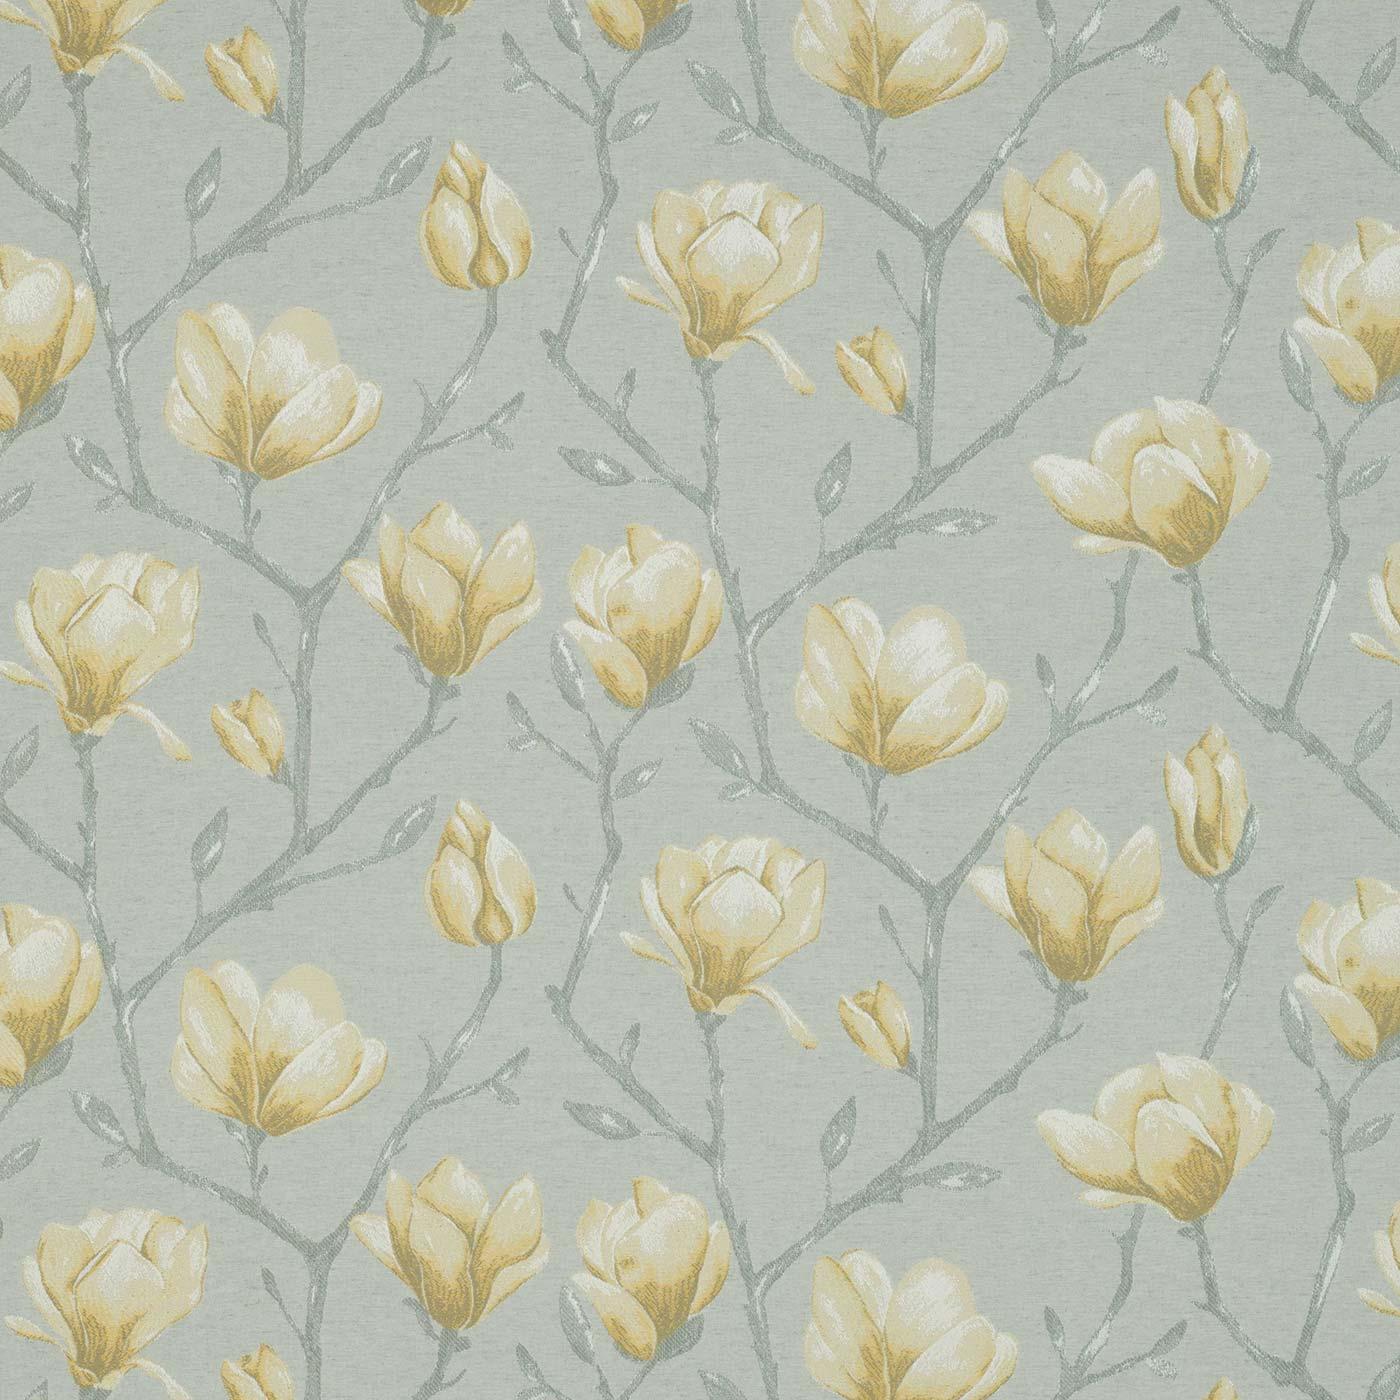 Chatsworth Daffodill